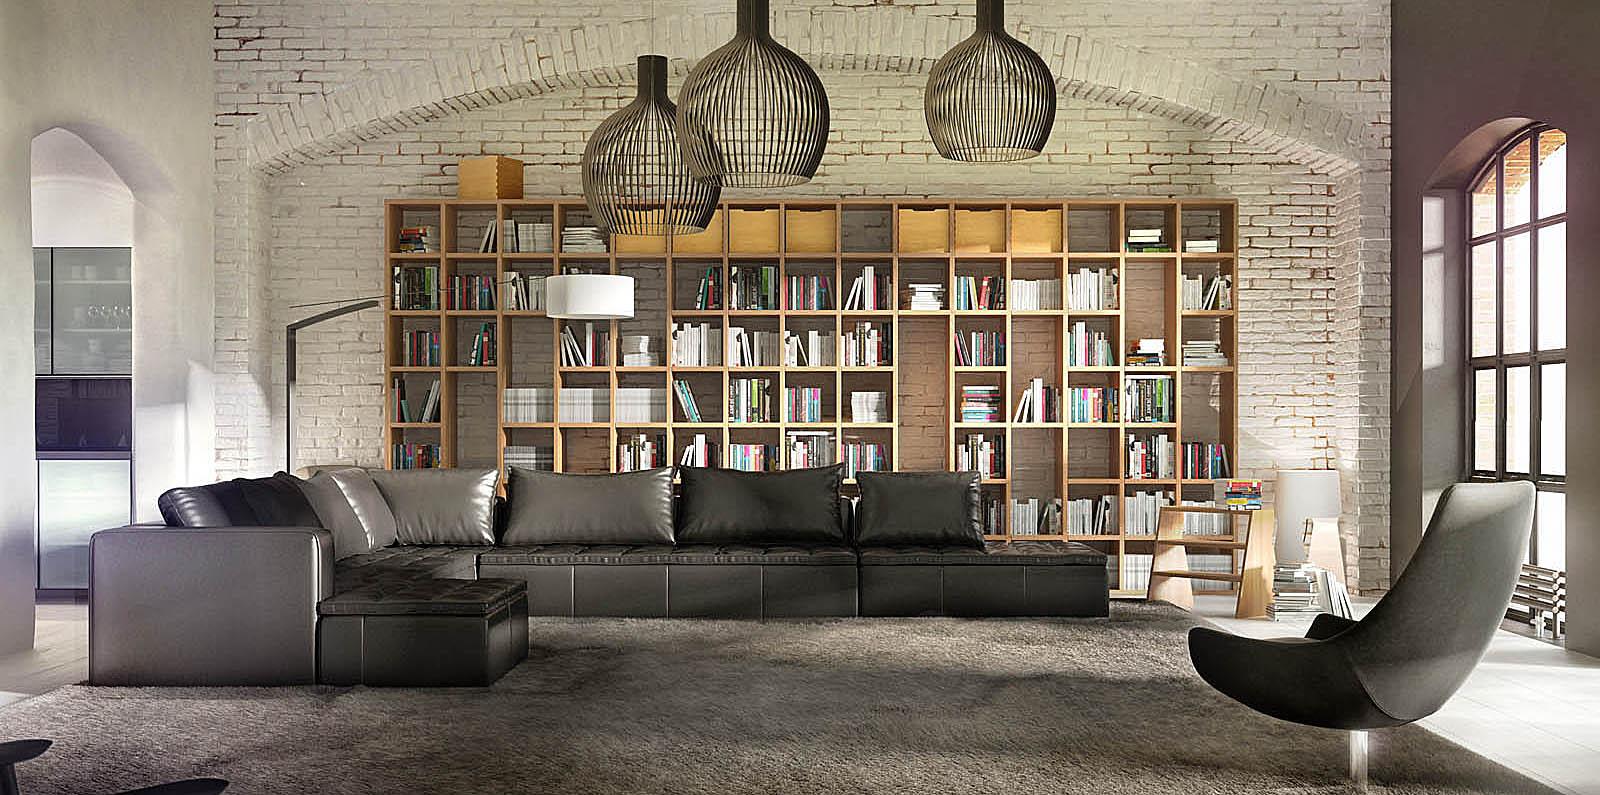 Фотография гостиной в стиле лофт